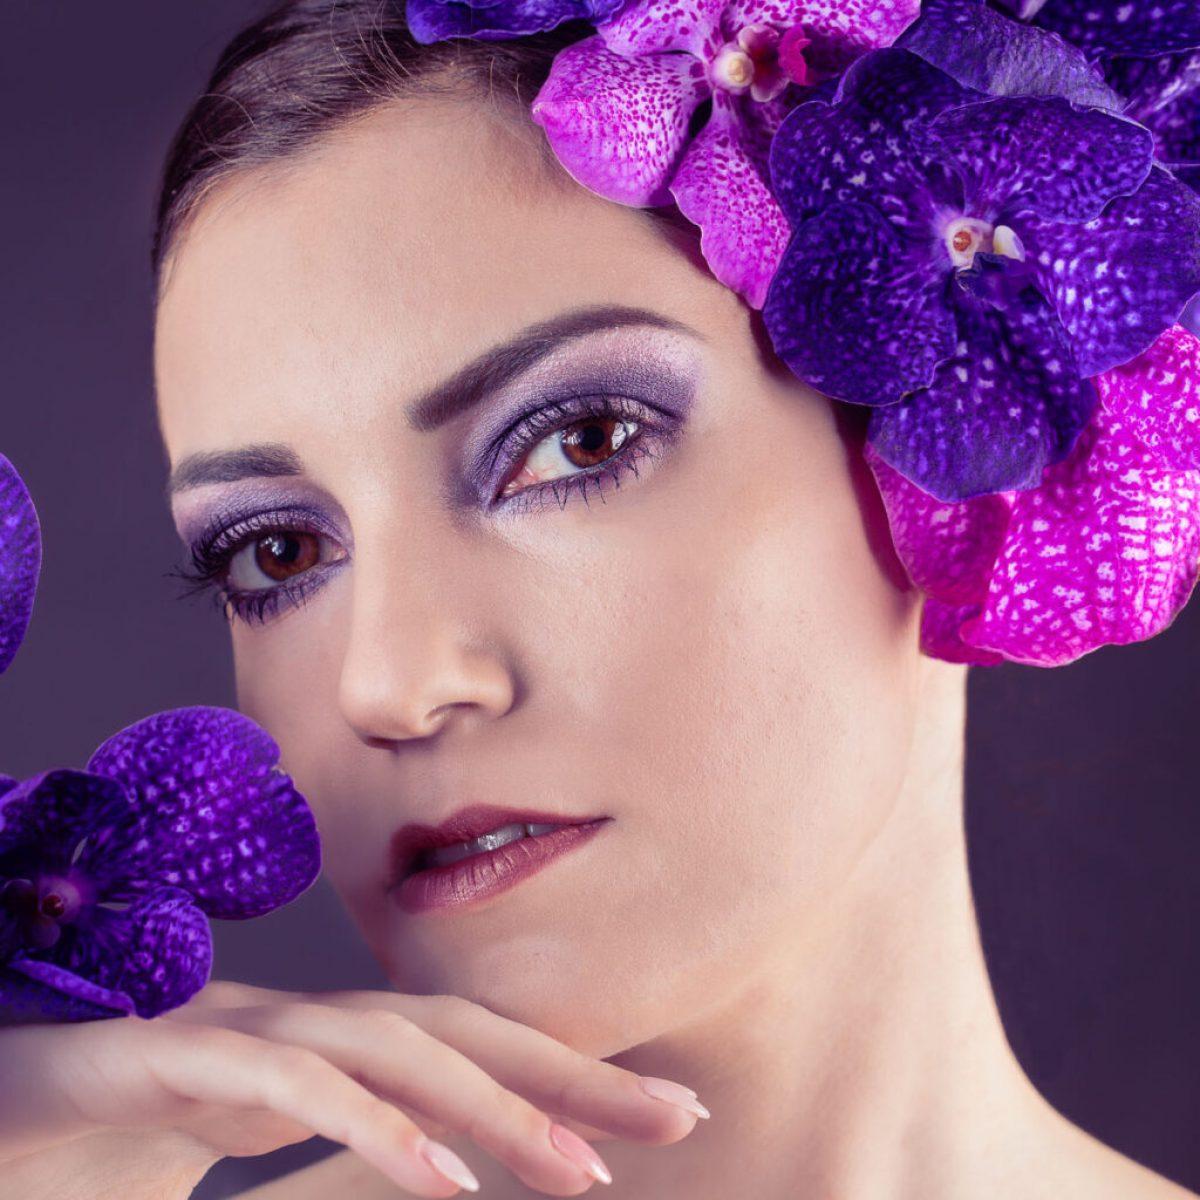 Portrait_Beauty_Women_Creative_Flowers_hoch